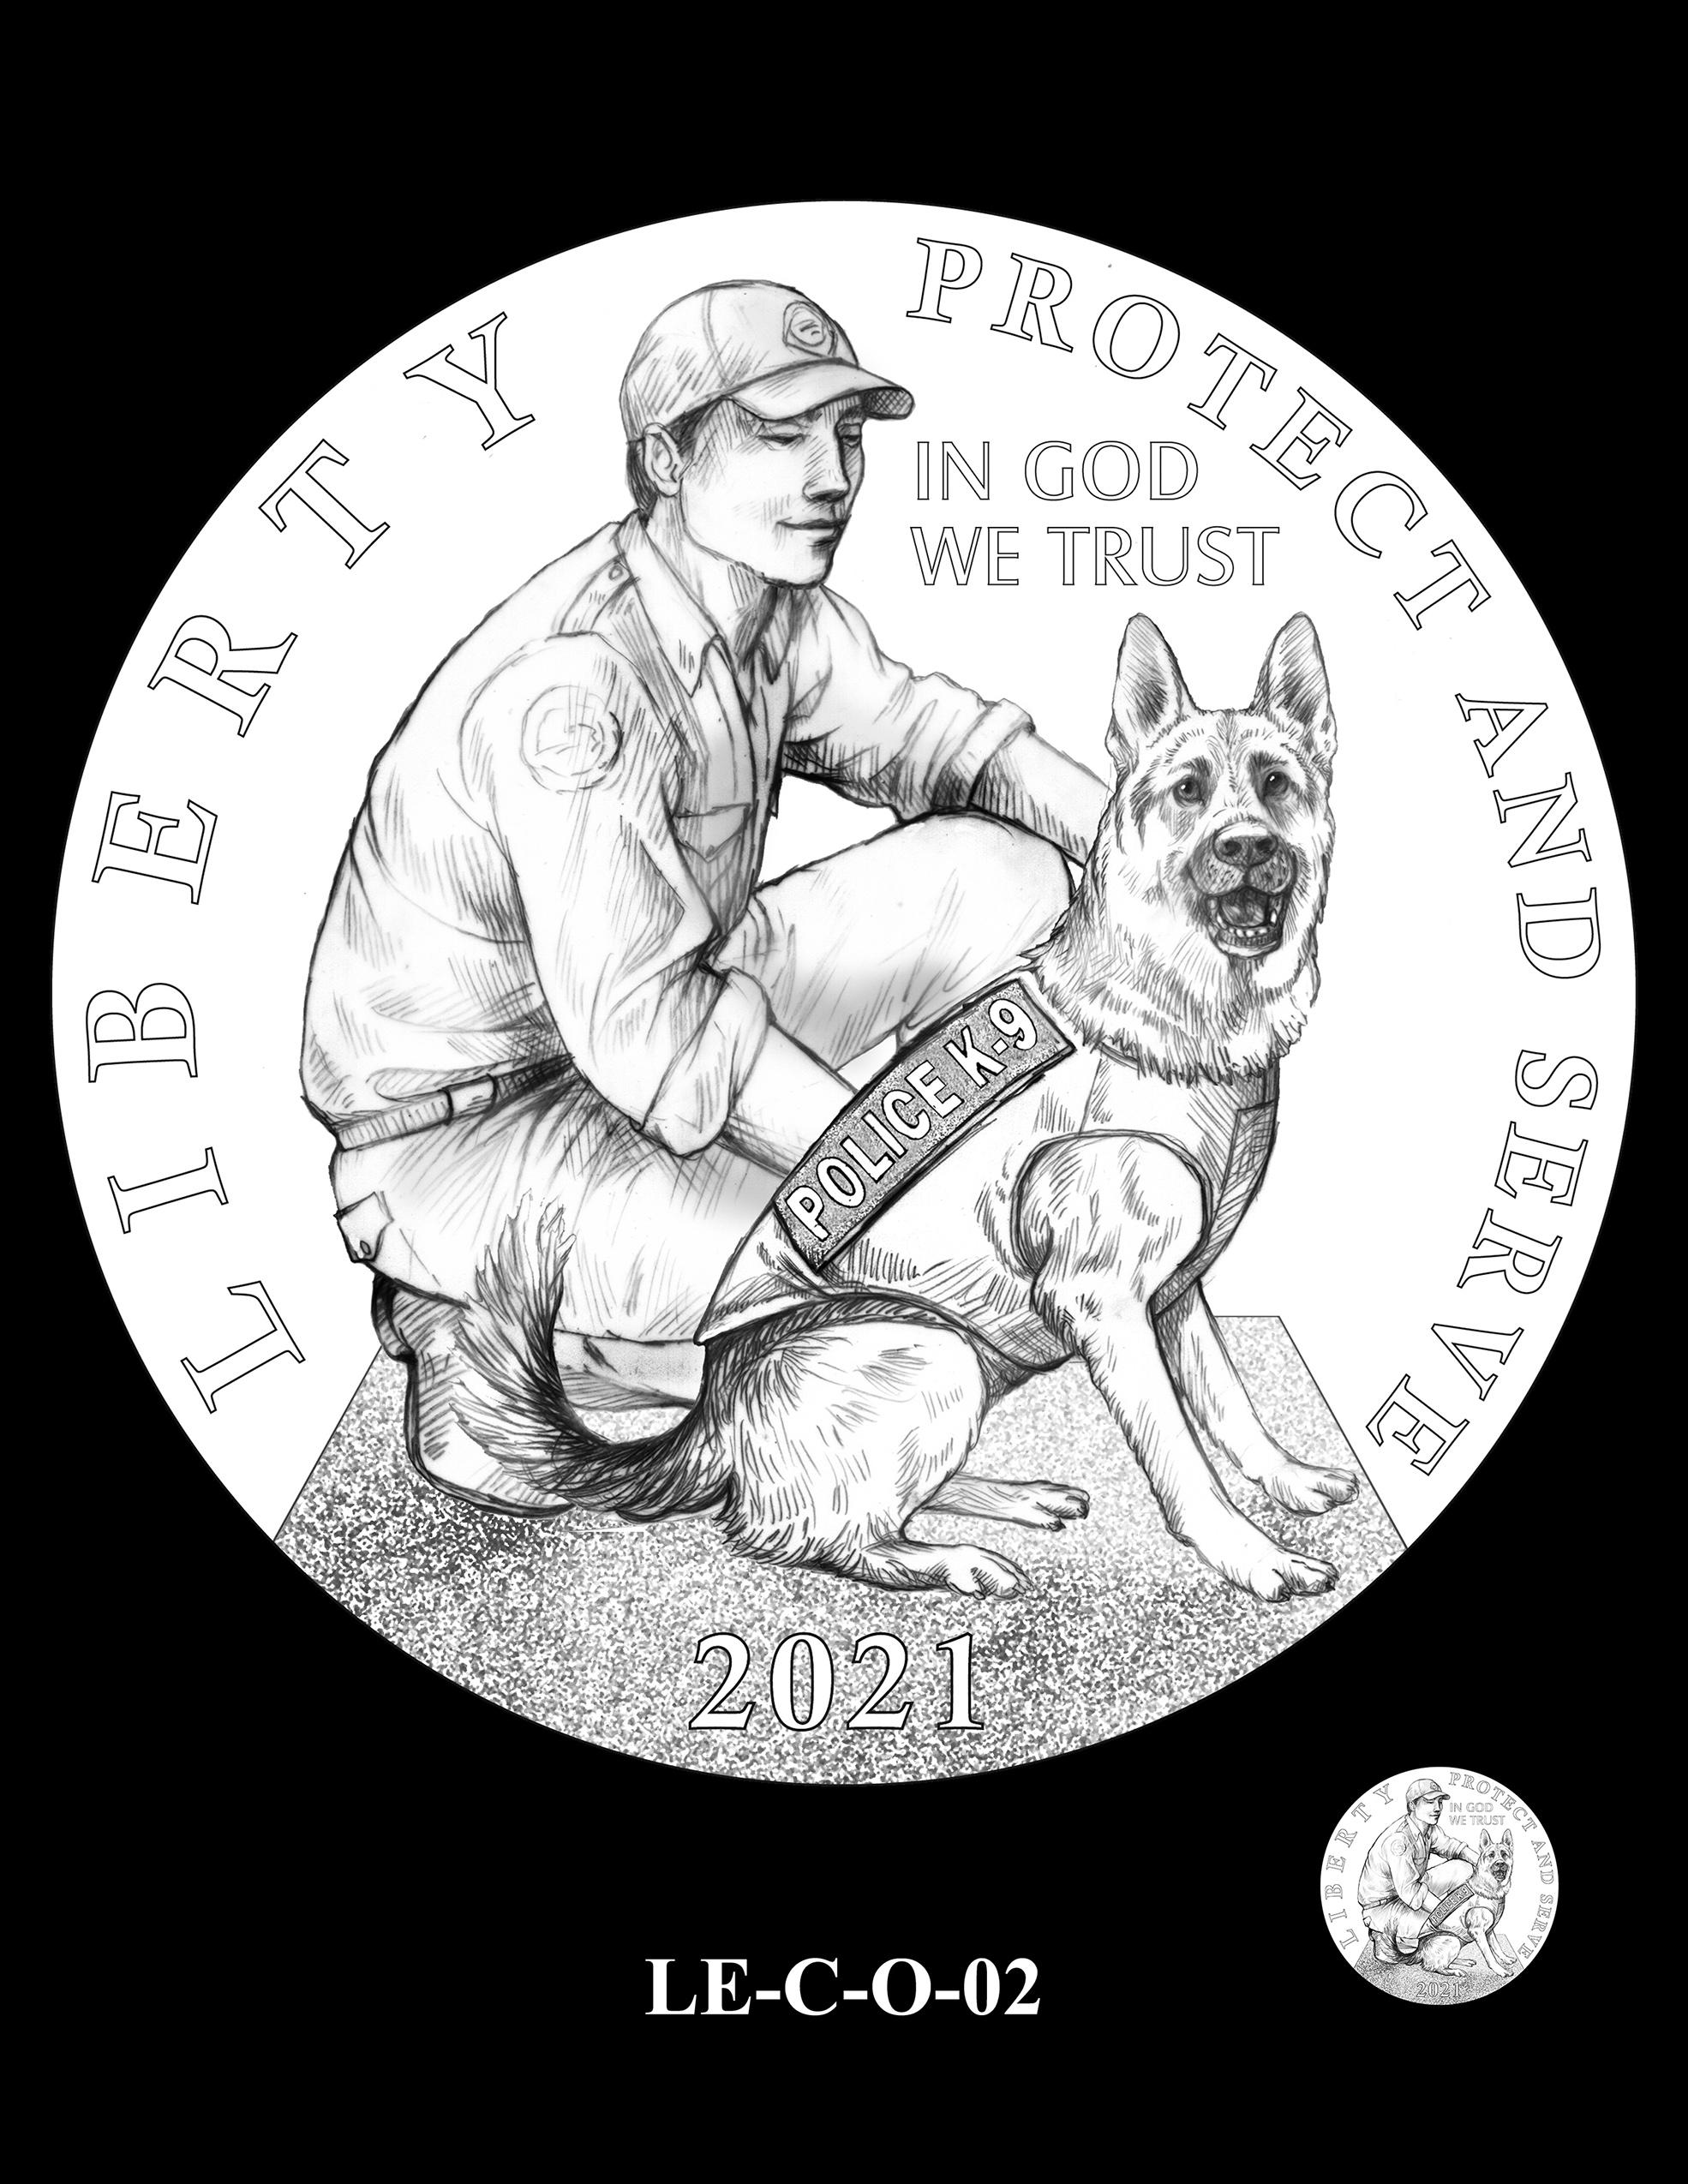 LE-C-O-02 -- National Law Enforcement Museum Commemorative Coin Program